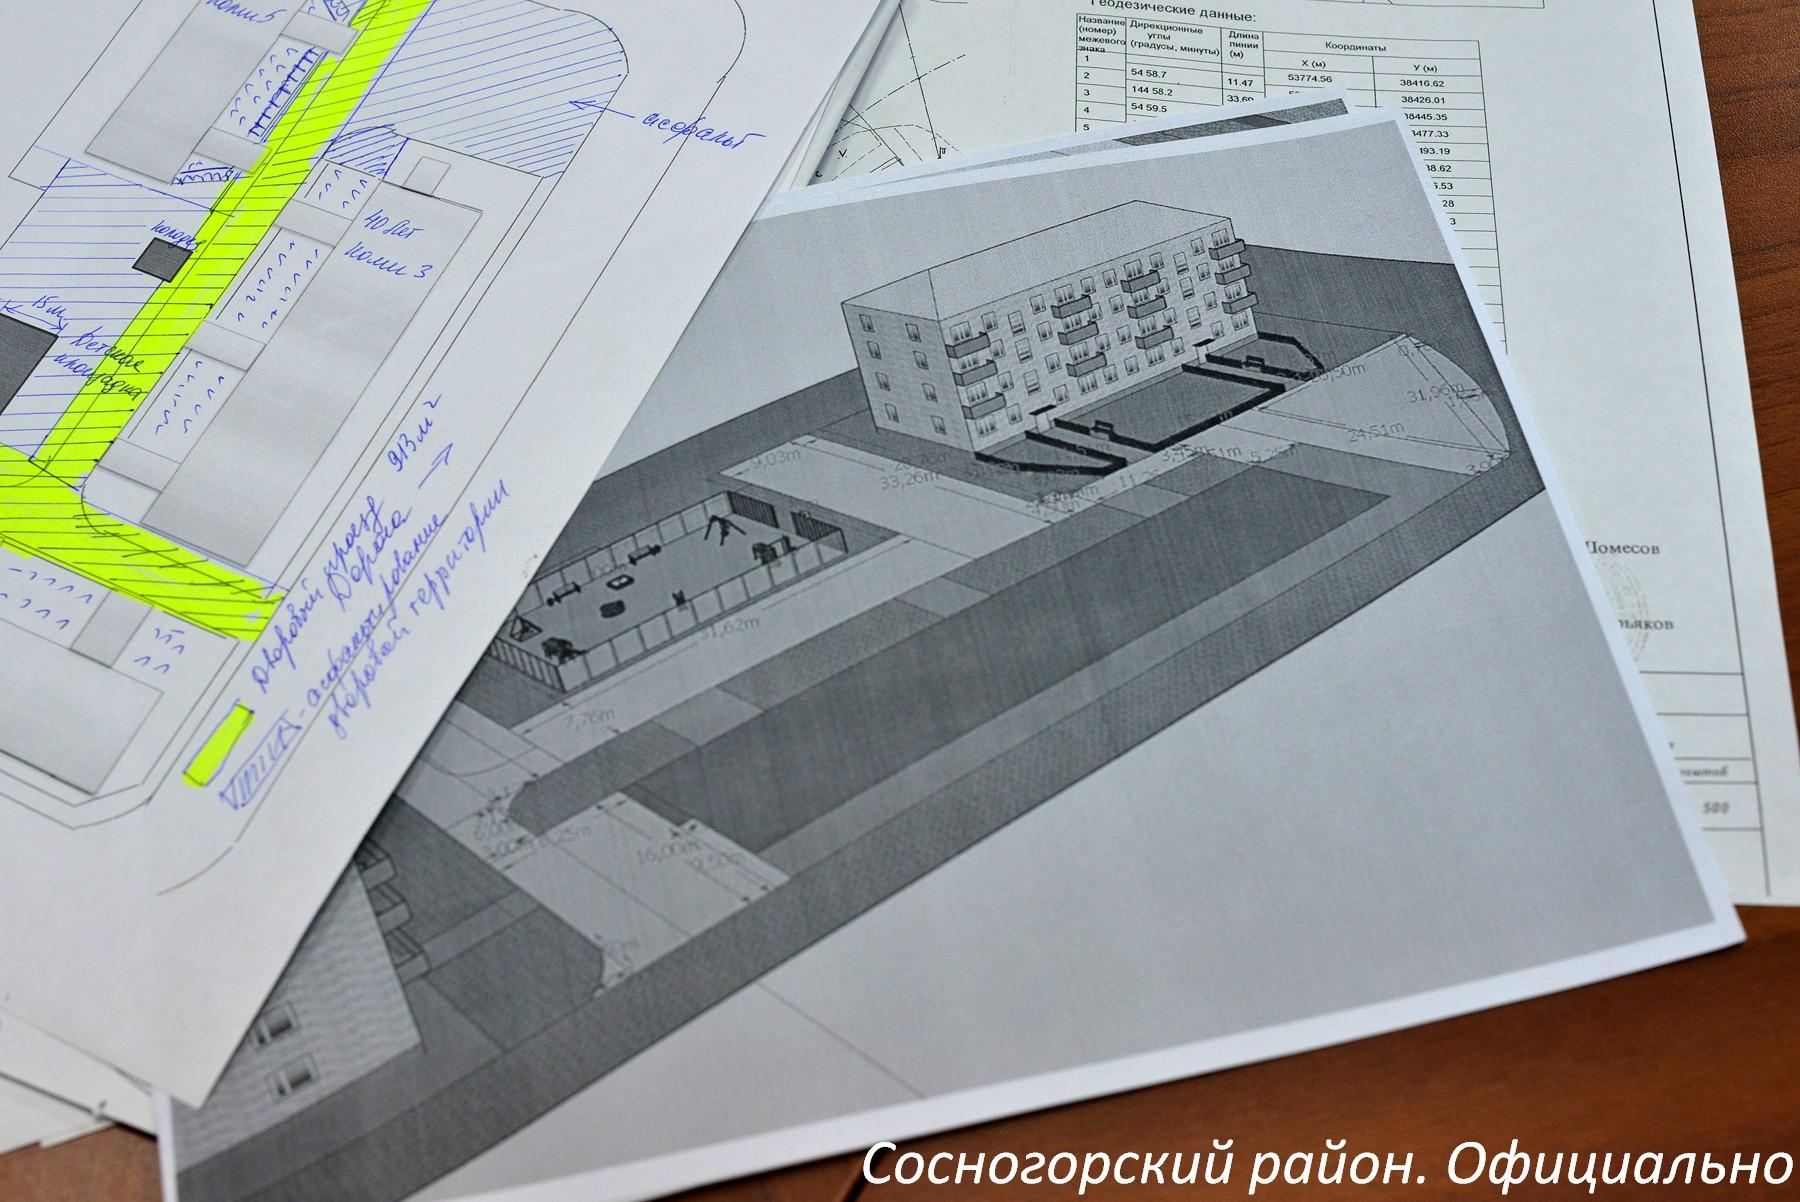 Города меняются: в Сосногорске стартовало обсуждение дизайн-проектов благоустройства дворов